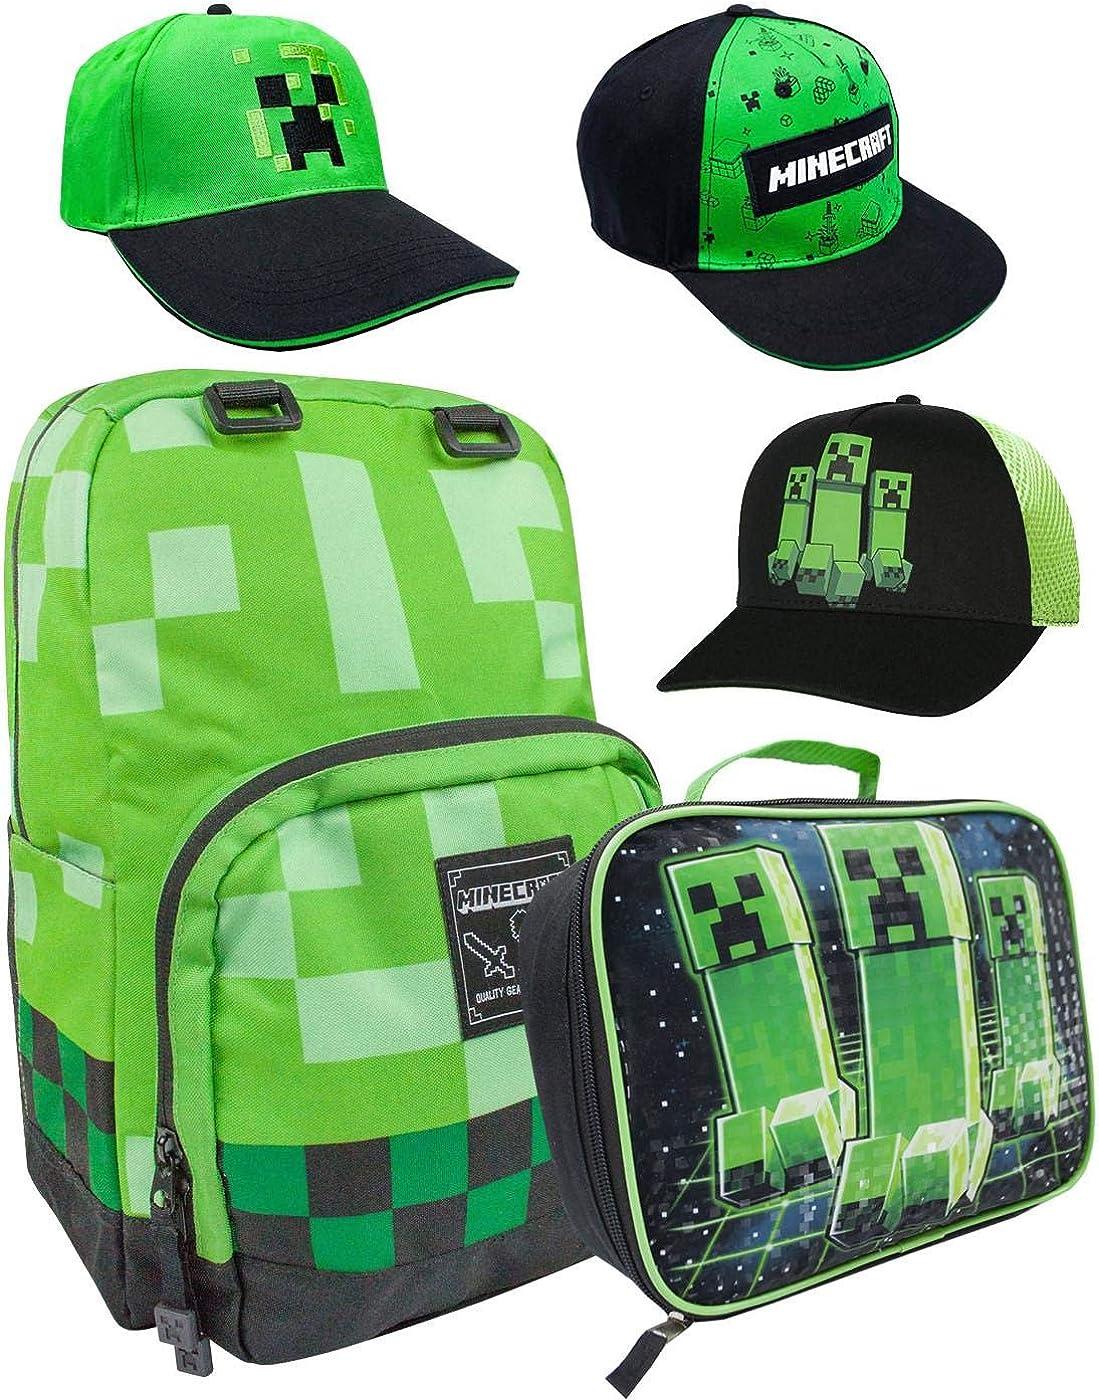 Minecraft Creeper Mochila, lonchera y varios estilos de tapa Verde Cara Creeper S/M: Amazon.es: Ropa y accesorios